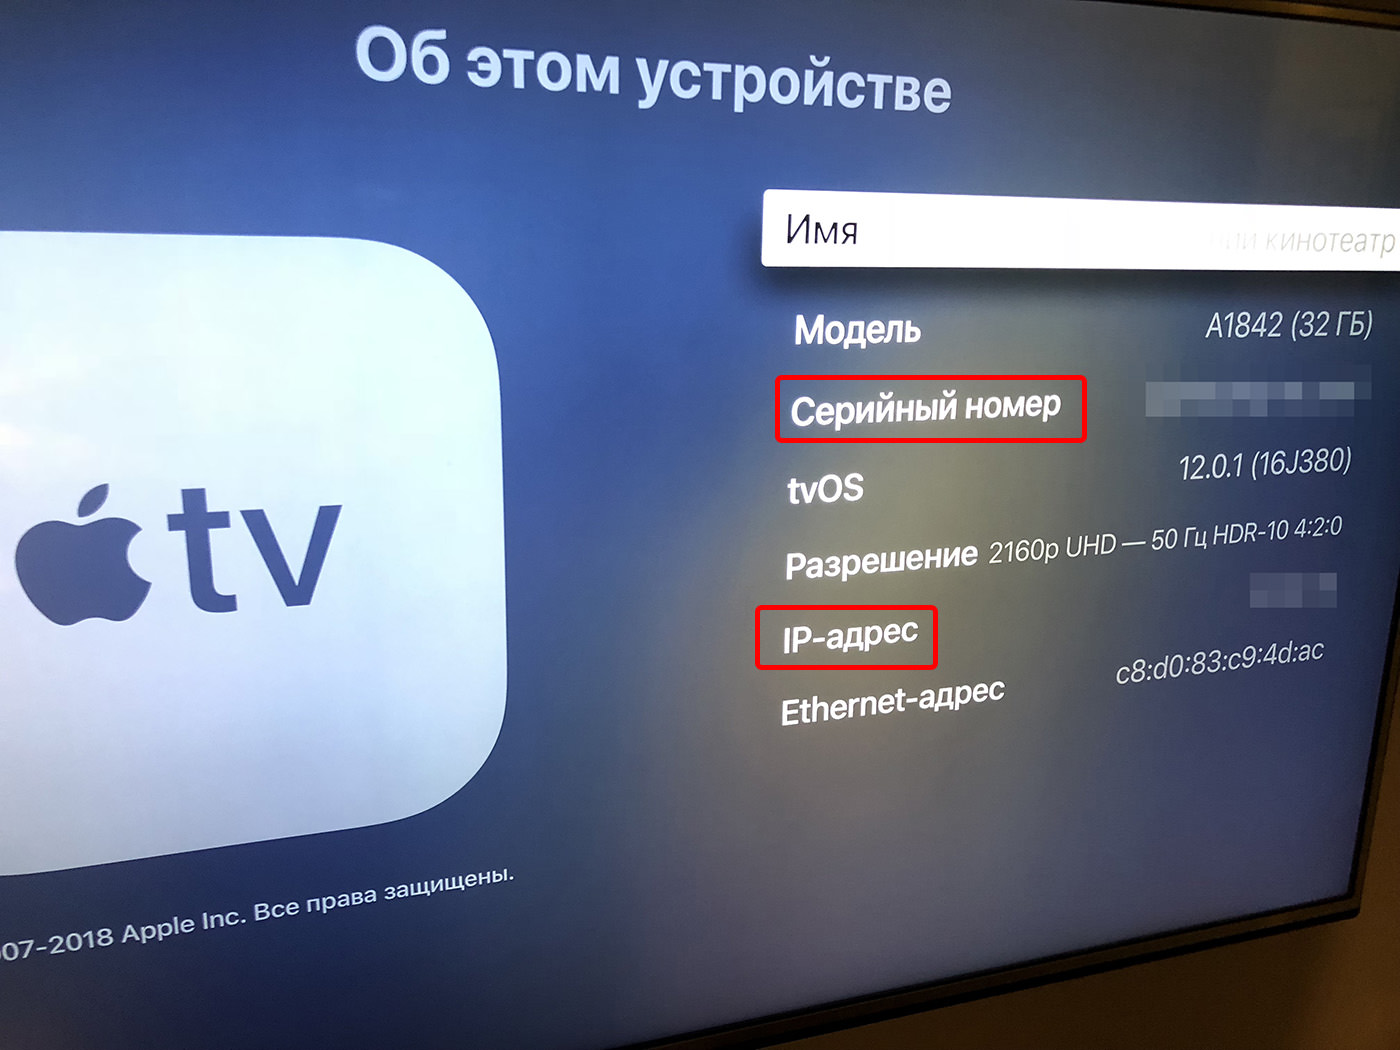 IP адрес и серийный номер Apple TV